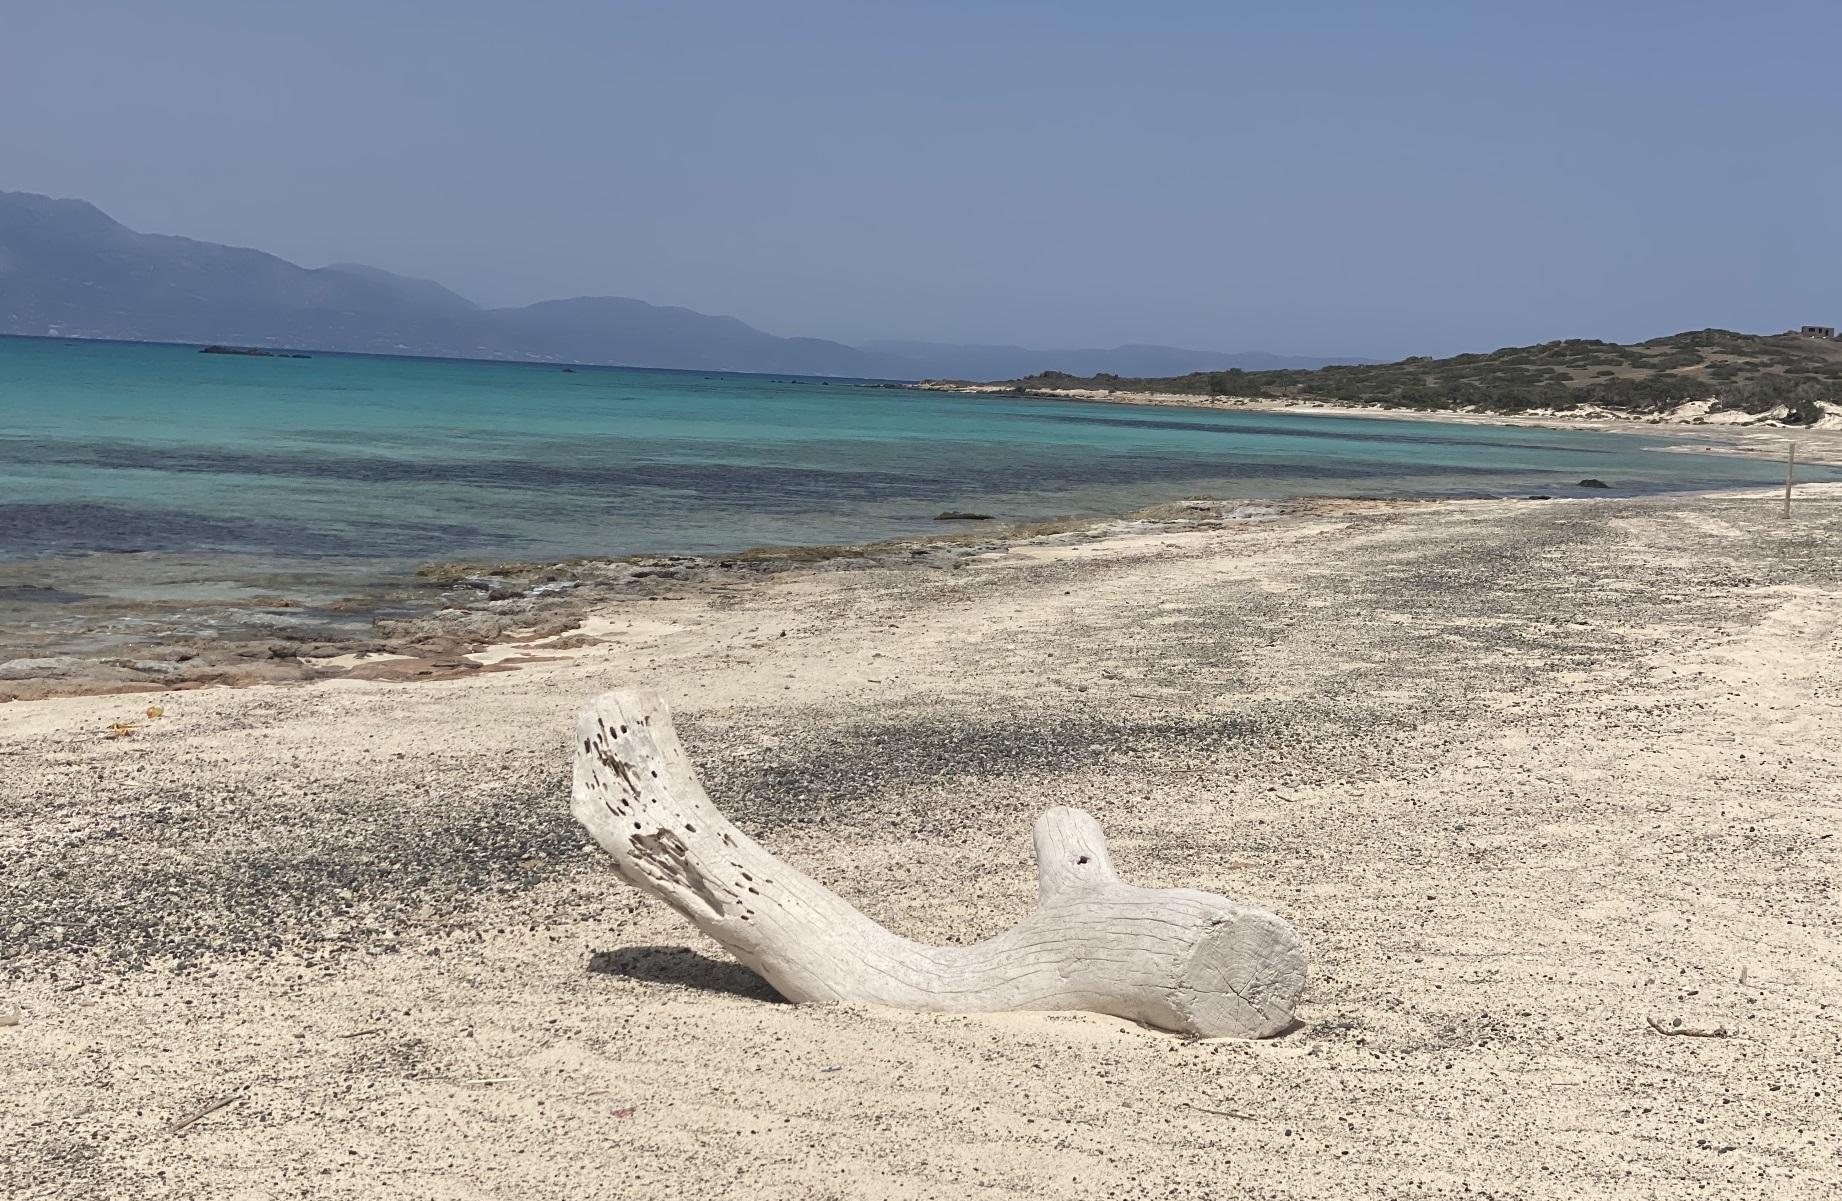 Νήσος Χρυσή: Αυστηρό καθεστώς προστασίας με εντολή του Κυριάκου Μητσοτάκη